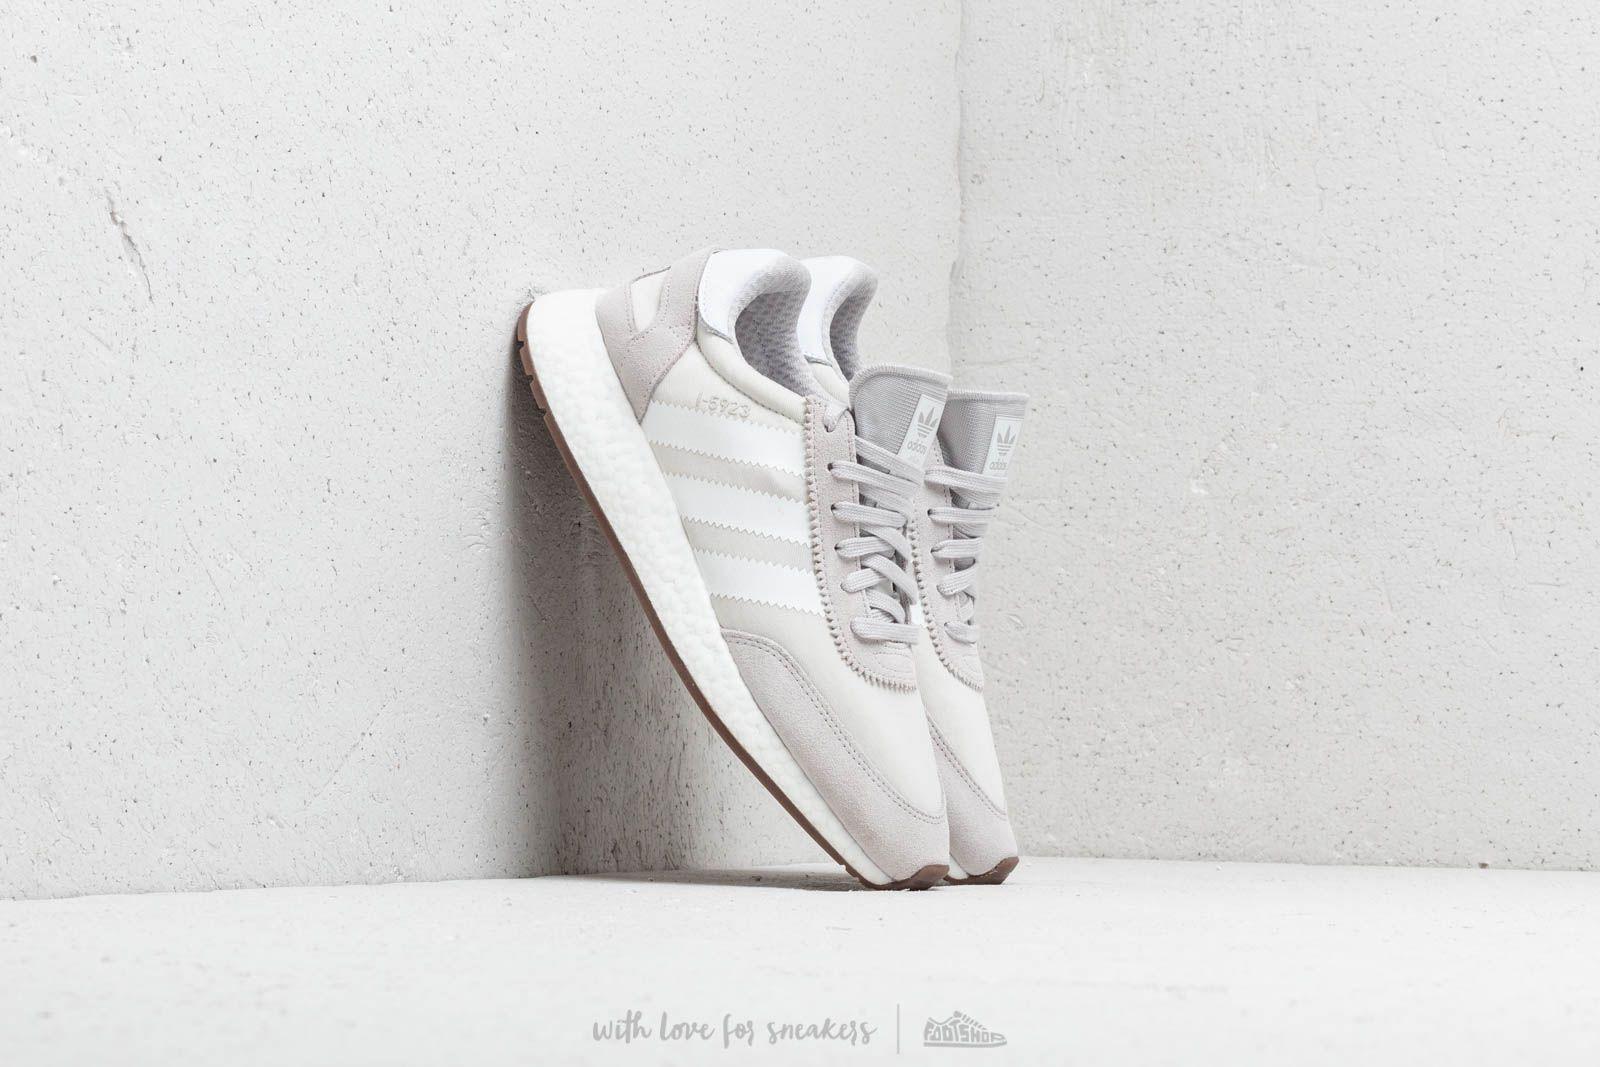 adidas I-5923 Grey One/ Footwear White/ Grey Five a muy buen precio 129 € comprar en Footshop